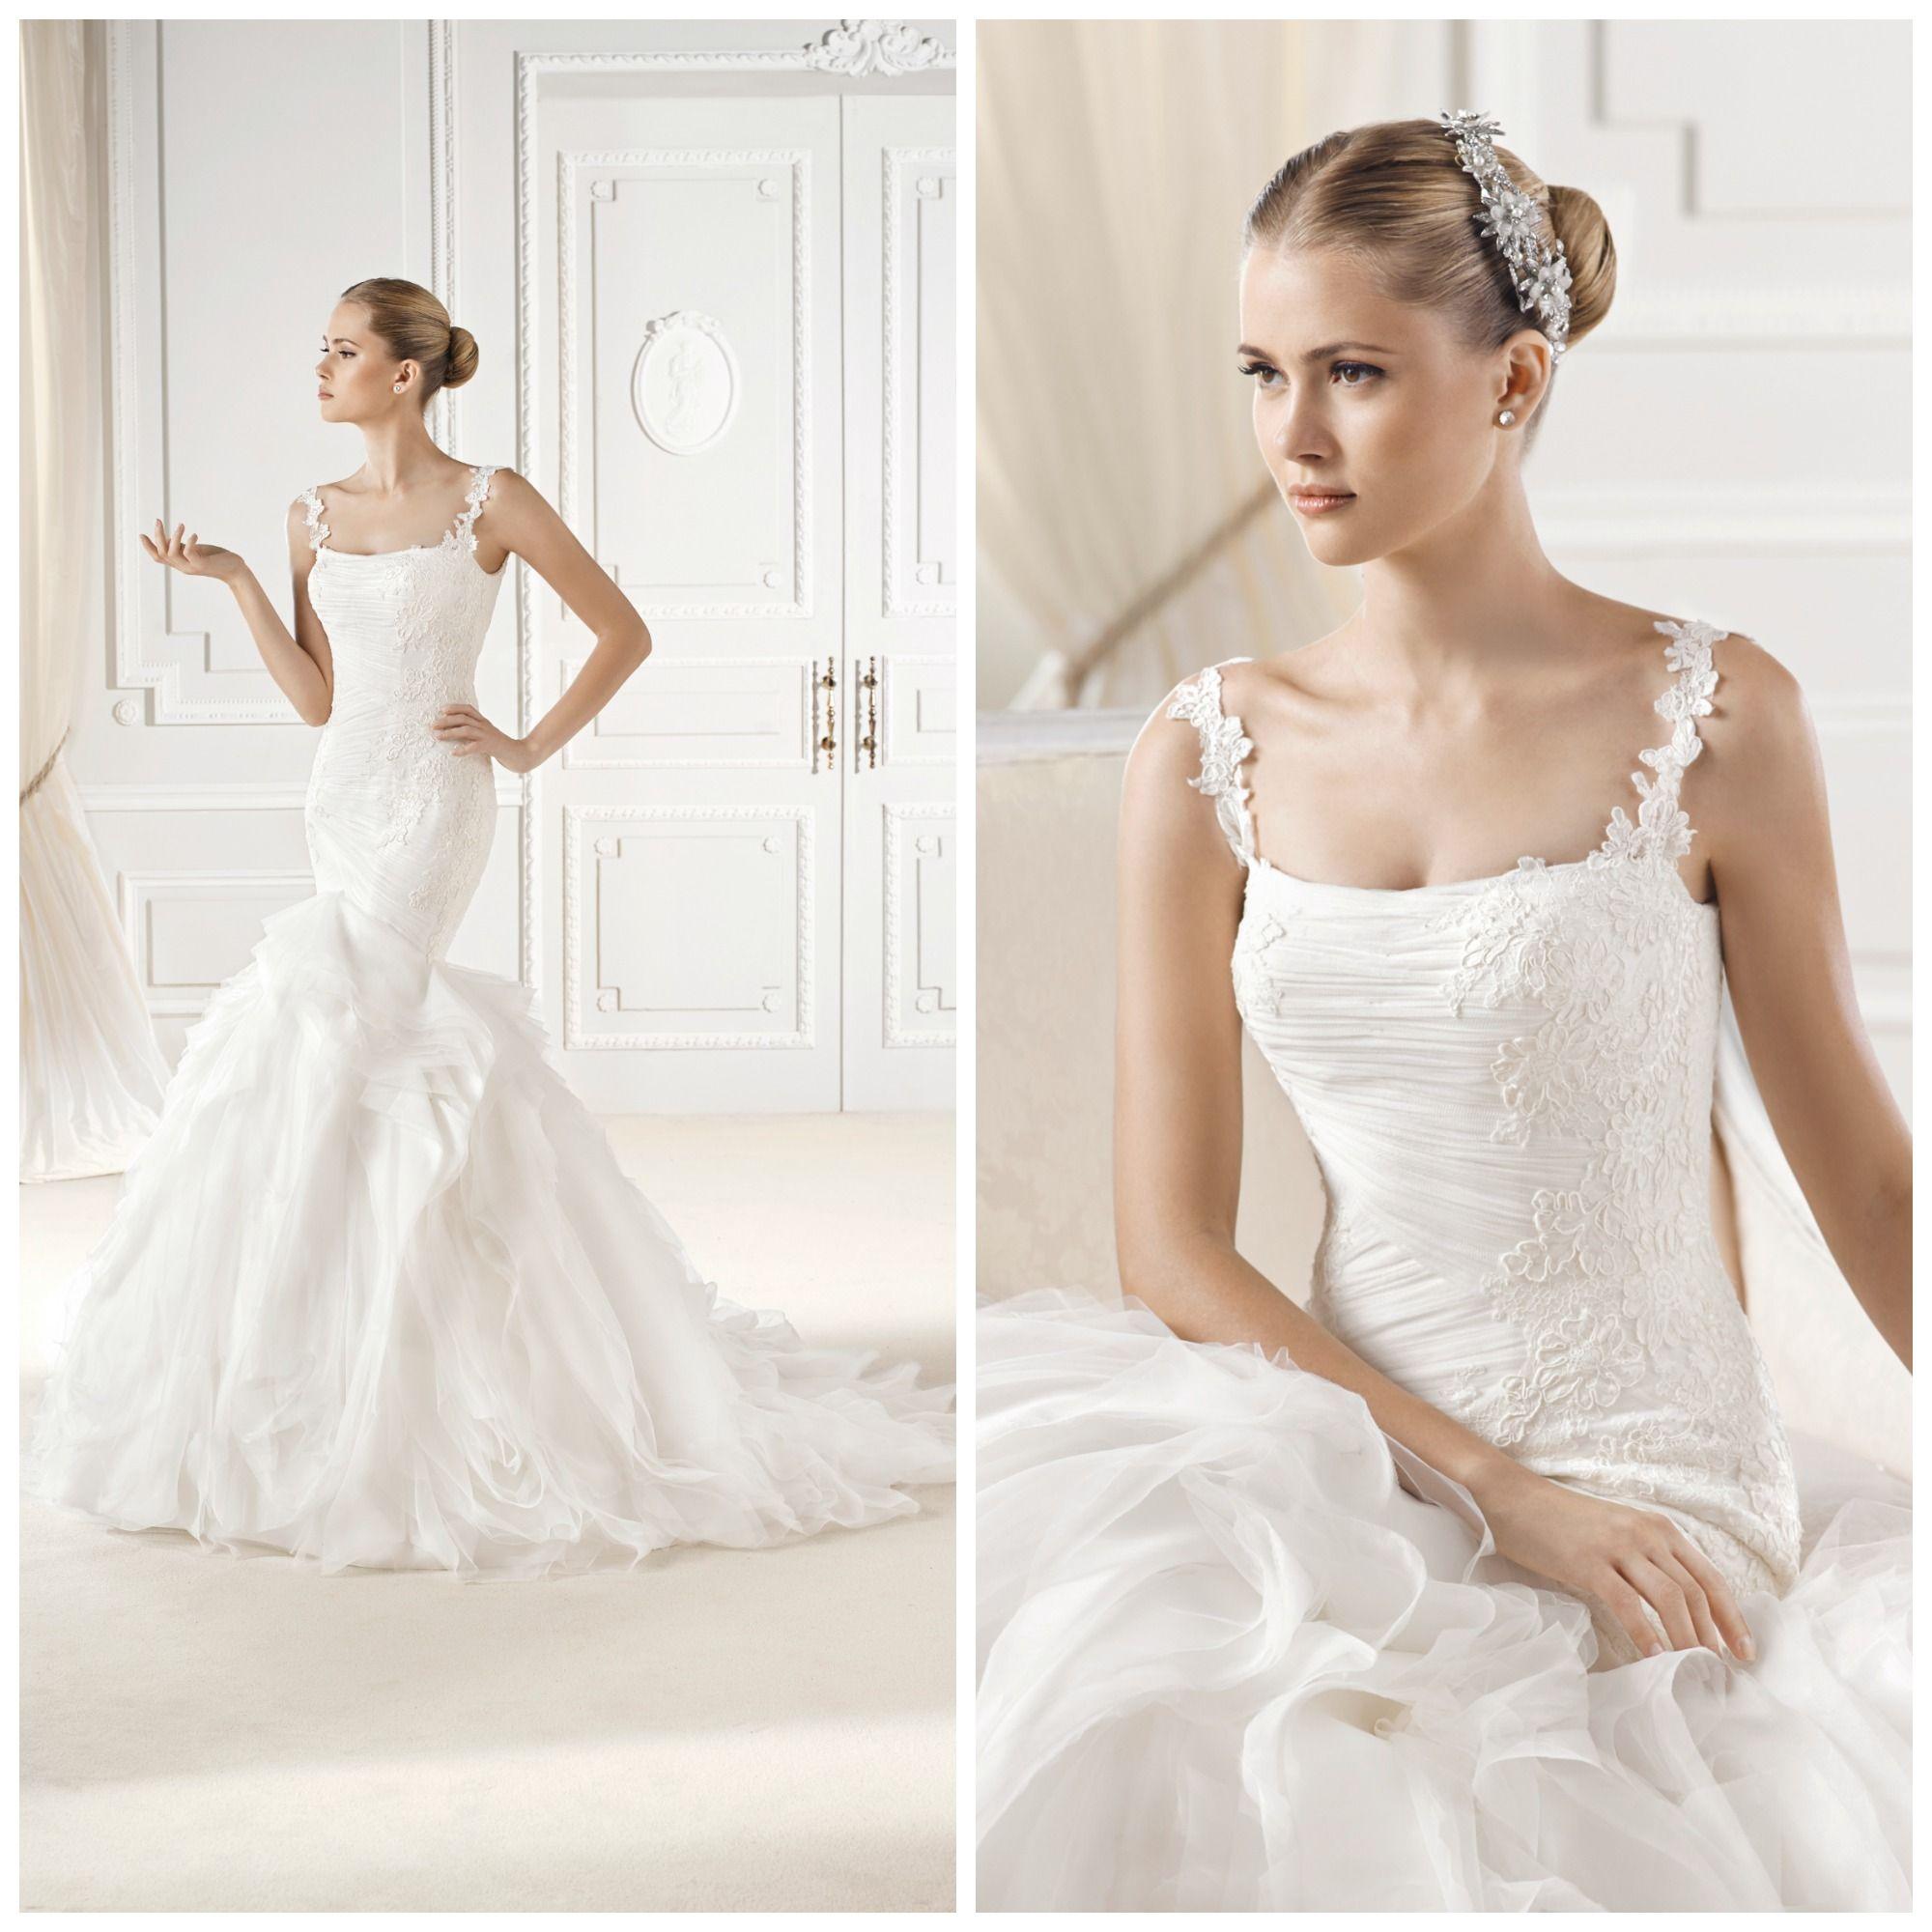 Girls wedding dress   La Sposa uElianau A stunning fishtail with straps  La Sposa